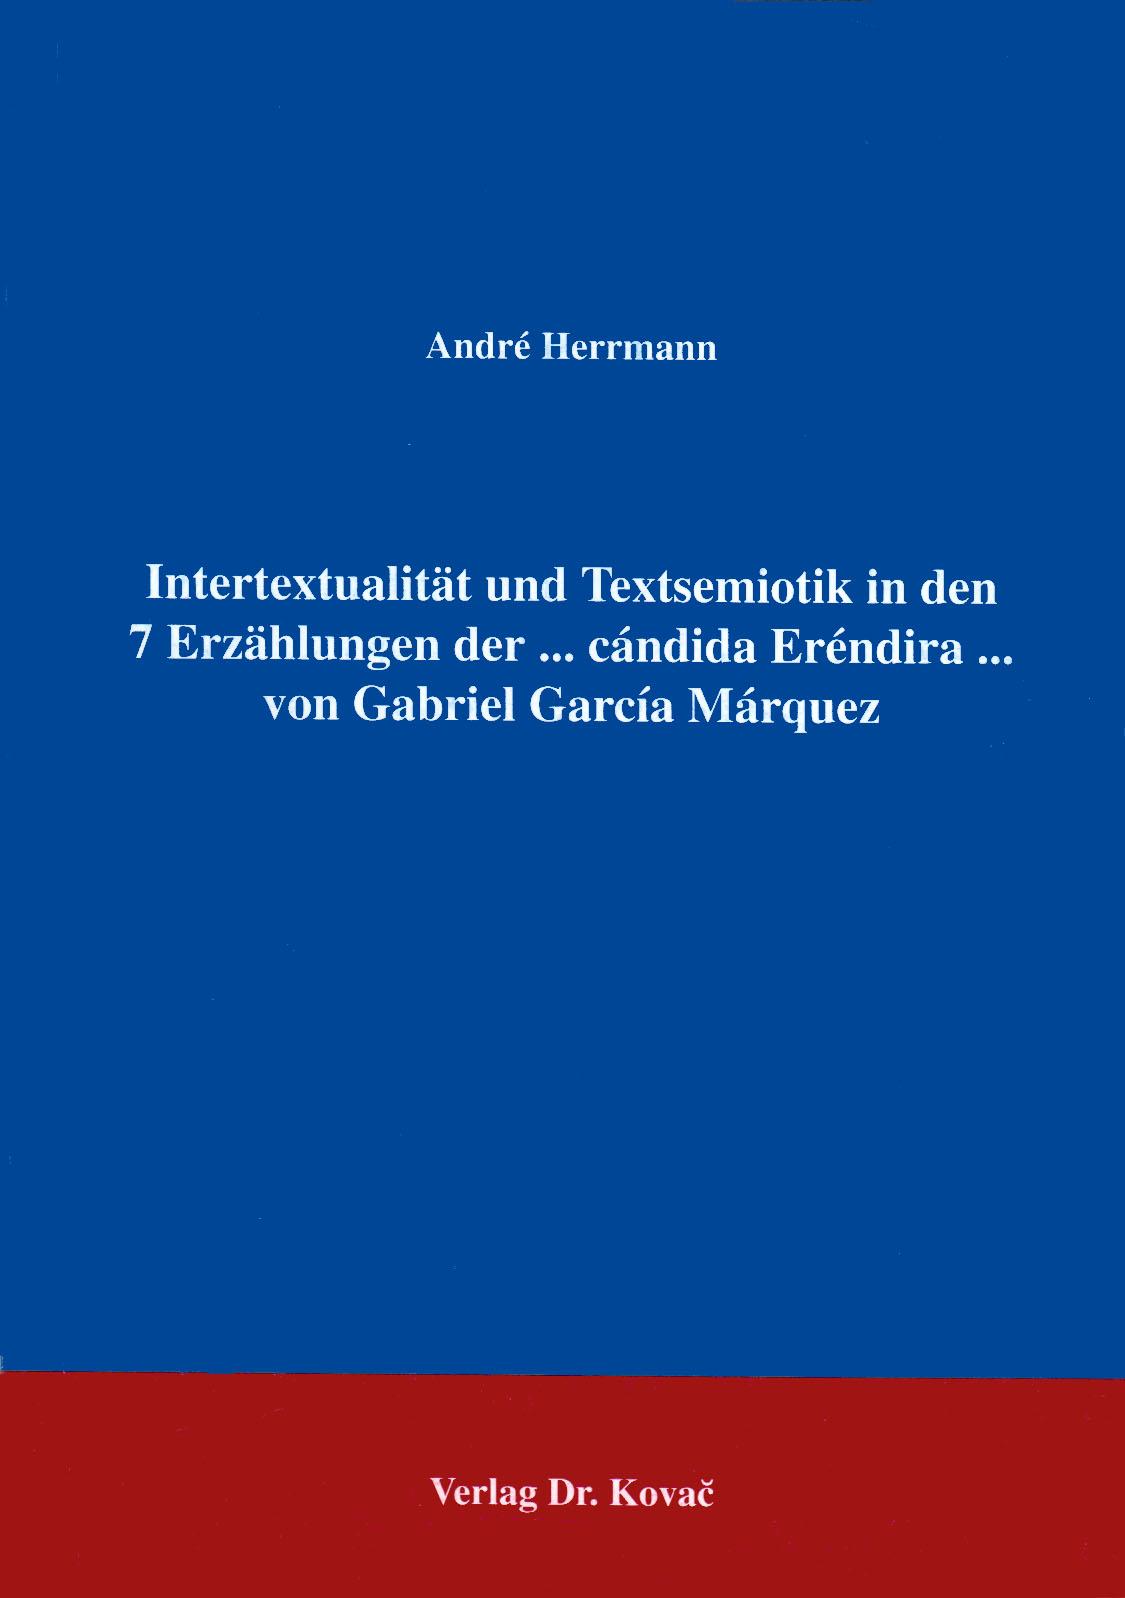 Cover: Intertextualität und Textsemiotik in den sieben Erzählungen der ... cándida Eréndira ... von Gabriel García Márquez